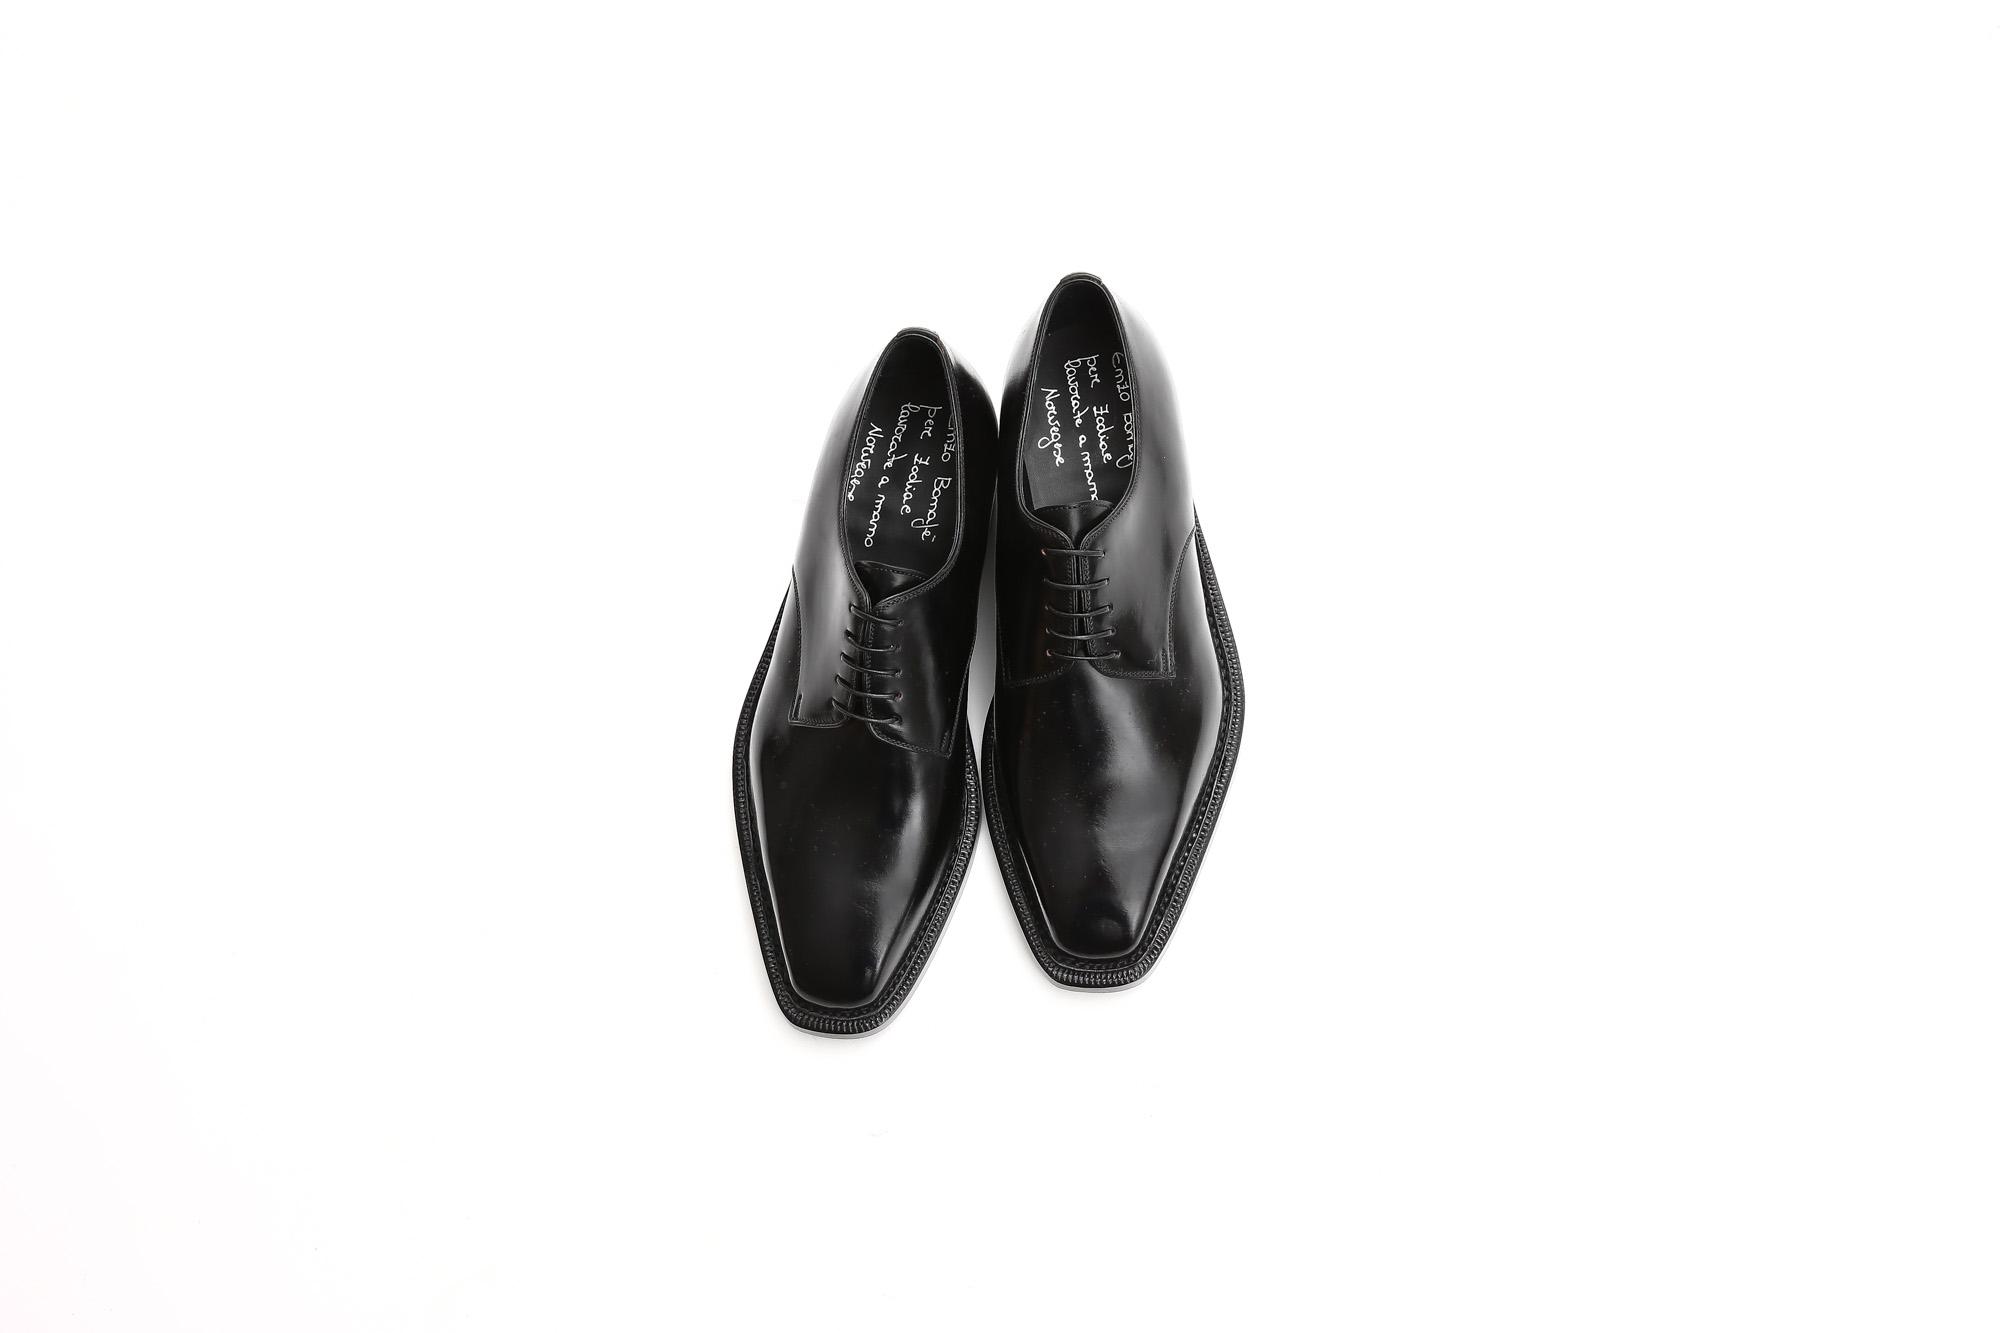 【ENZO BONAFE / エンツォボナフェ】 【3720】Plane Toe Dress Shoes プレーントゥー Horween Shell Cordovan leather ホーウィンシェル コードバンレザー コードヴァンドレスシューズ NERO(ブラック) made in italy (イタリア製) 2017 秋冬新作 enzobonafe エンツォボナフェ 愛知 名古屋 Alto e Diritto アルト エ デリット 5.5,6,6.5,7,7.5,8,8.5,9,9.5